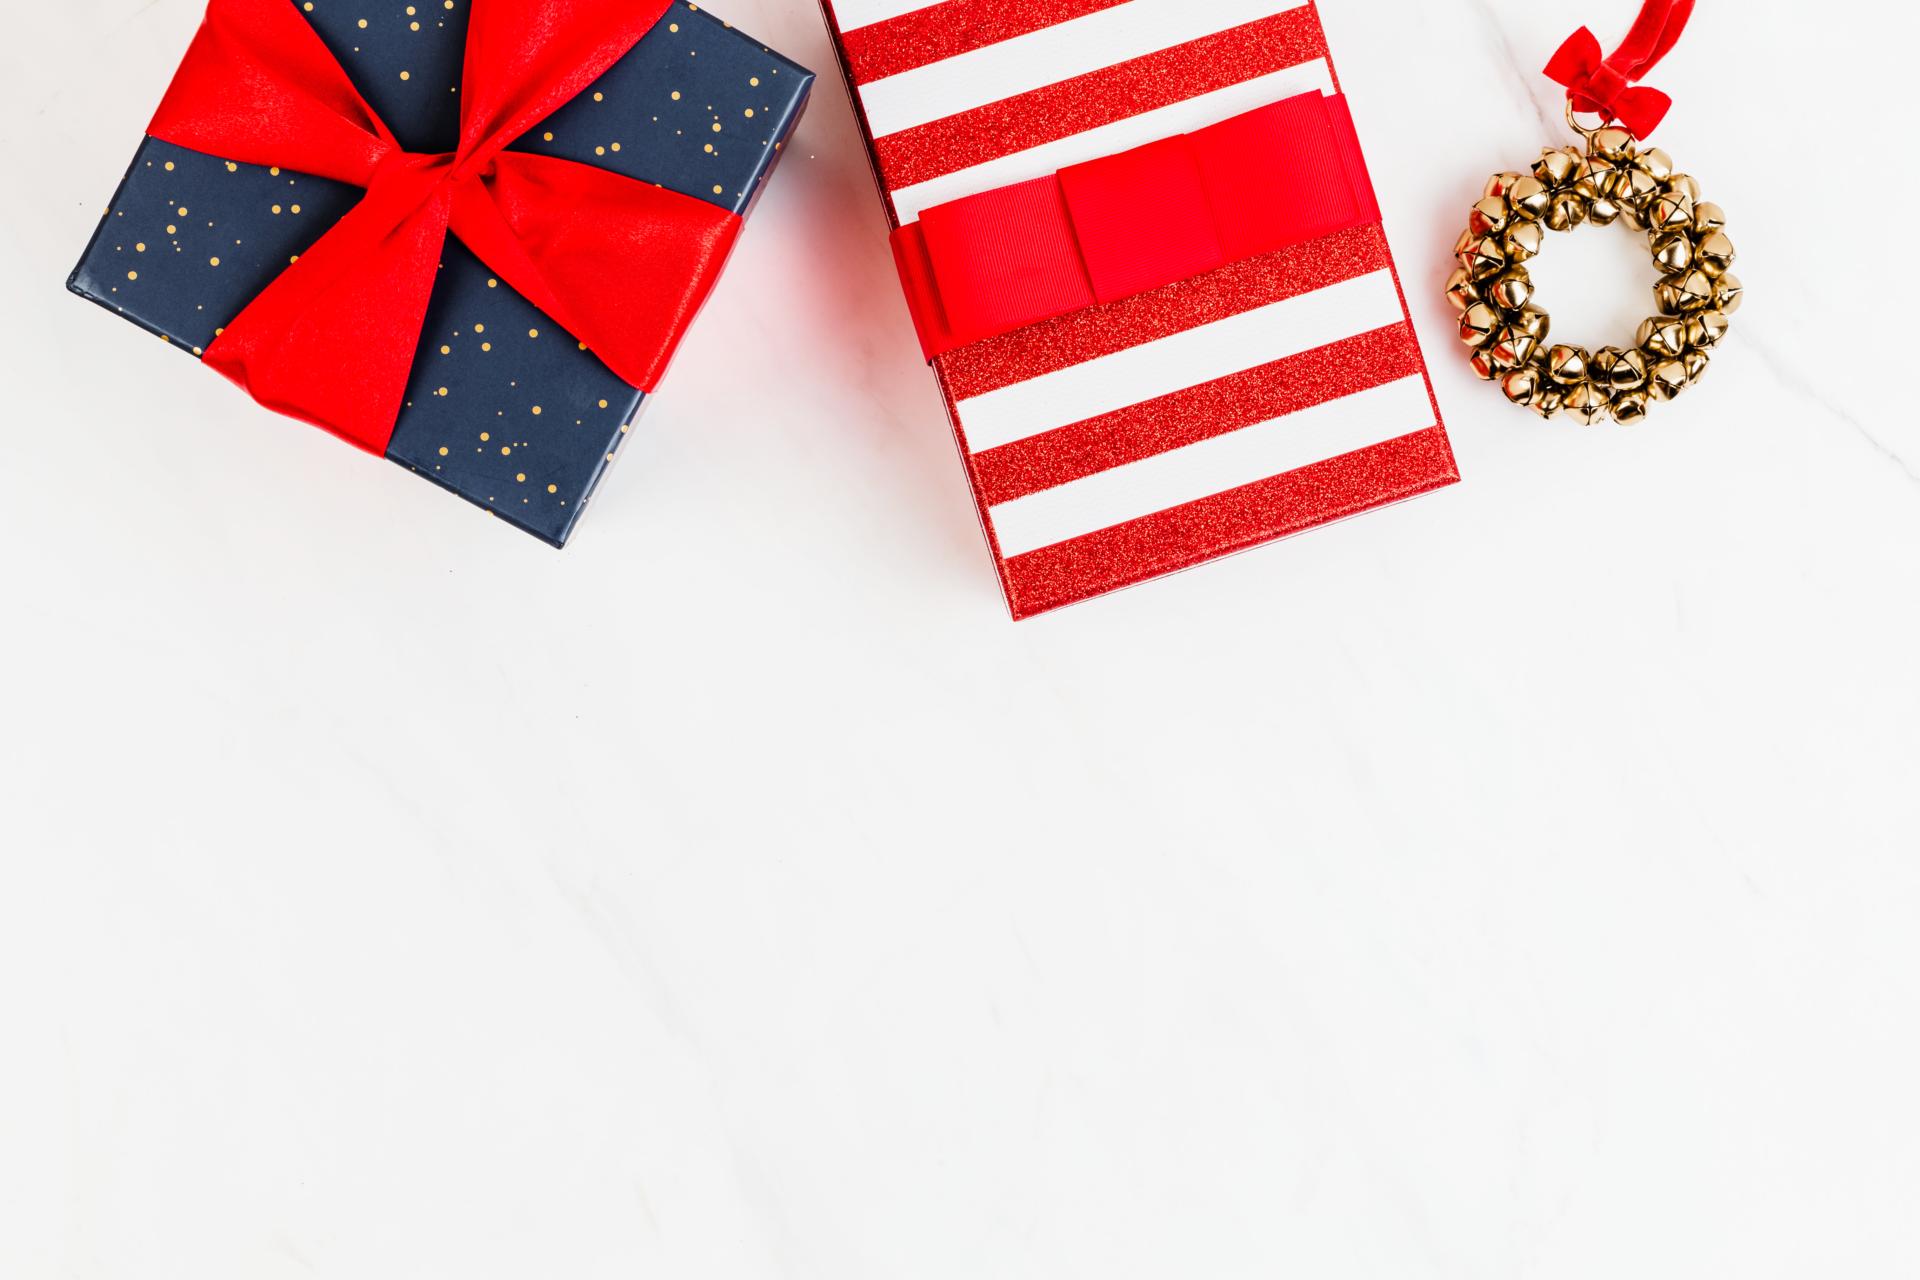 astuces fêtes simples idées cadeaux